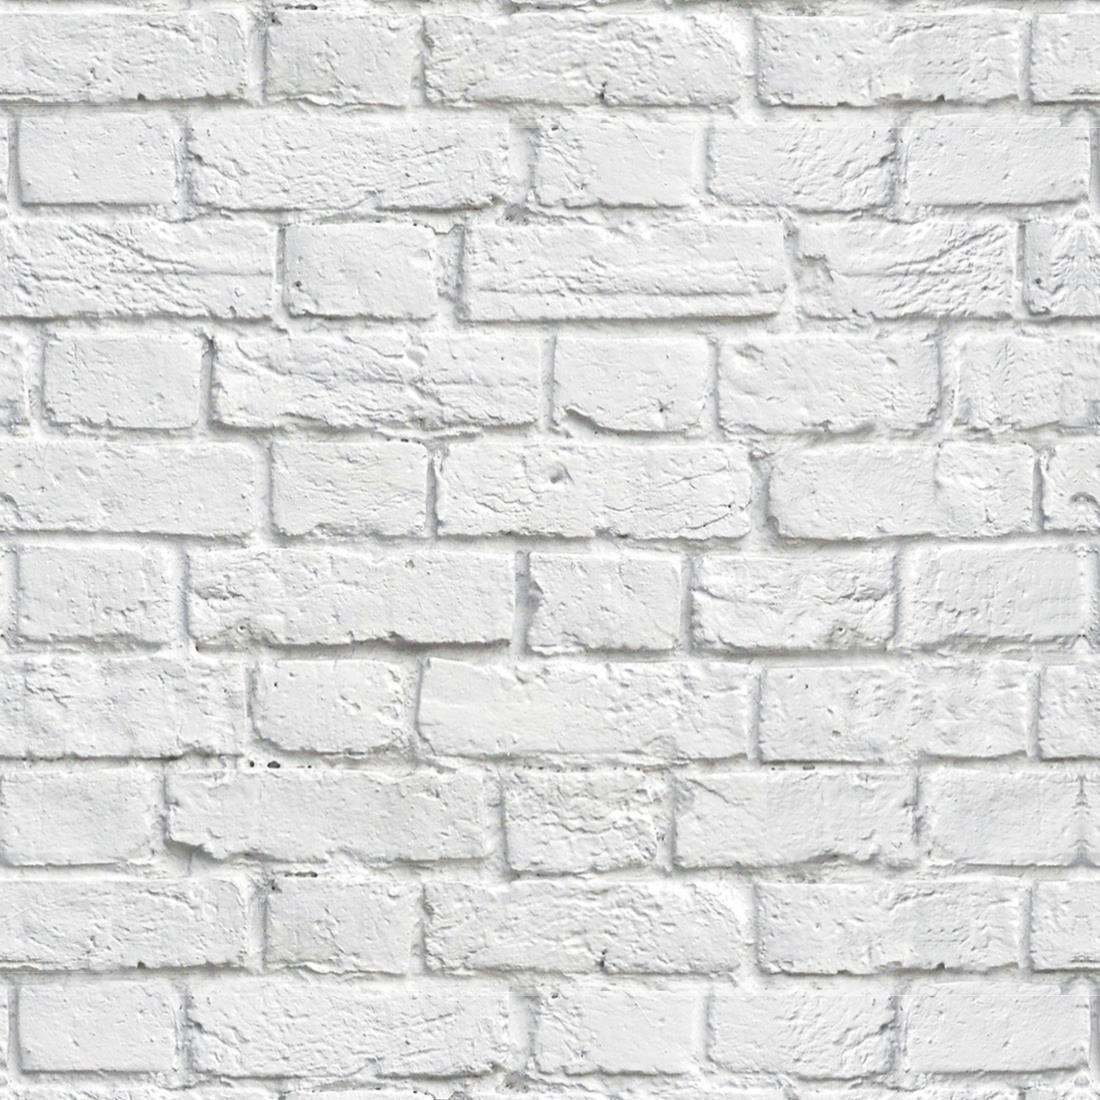 95b247795 Papel de parede tijolo demolição branco